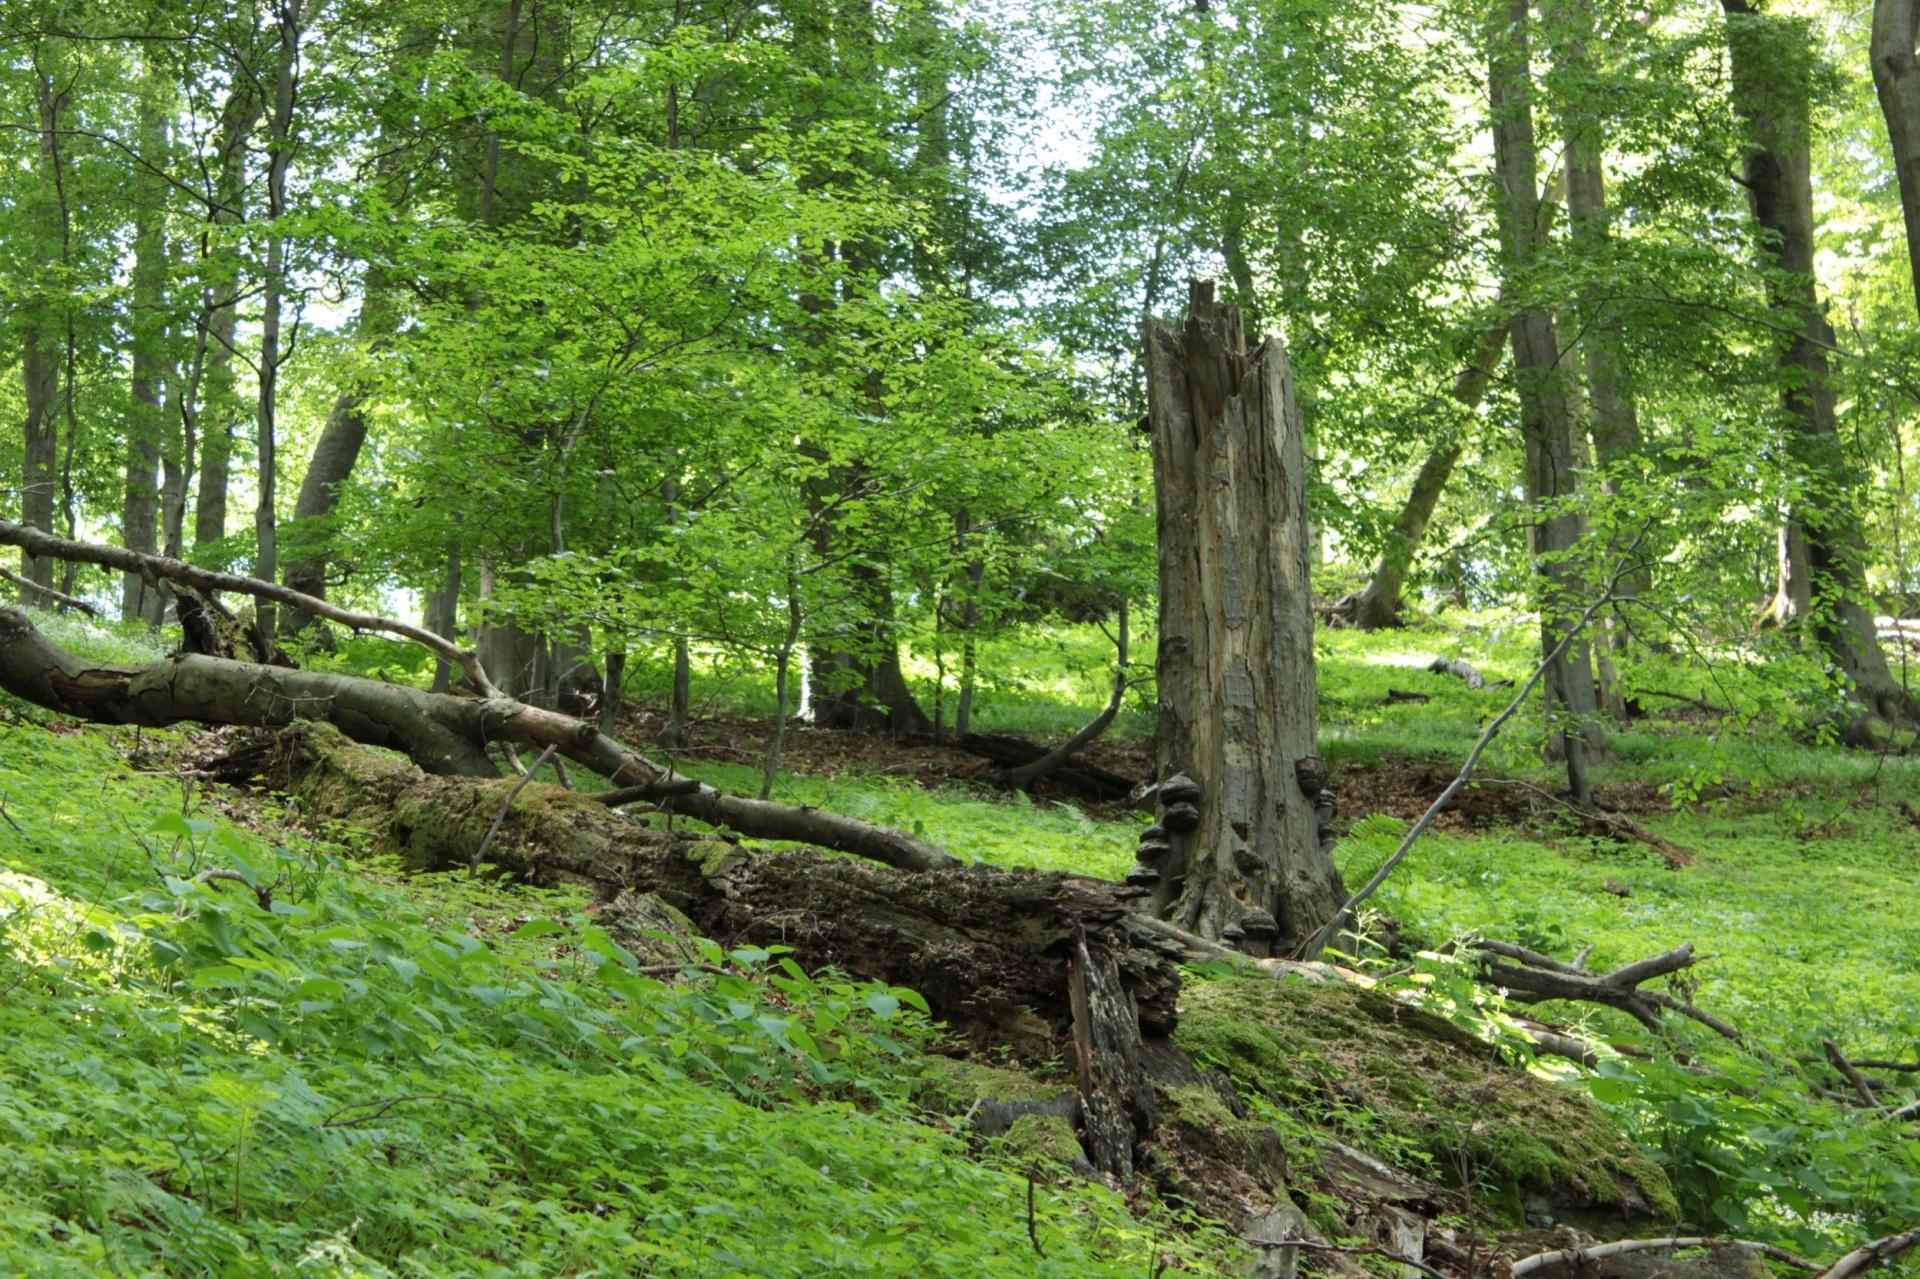 Természetesség visszaállítási kísérleti projktet indítana gazdasági rendeltetésű erdőkben az MTA